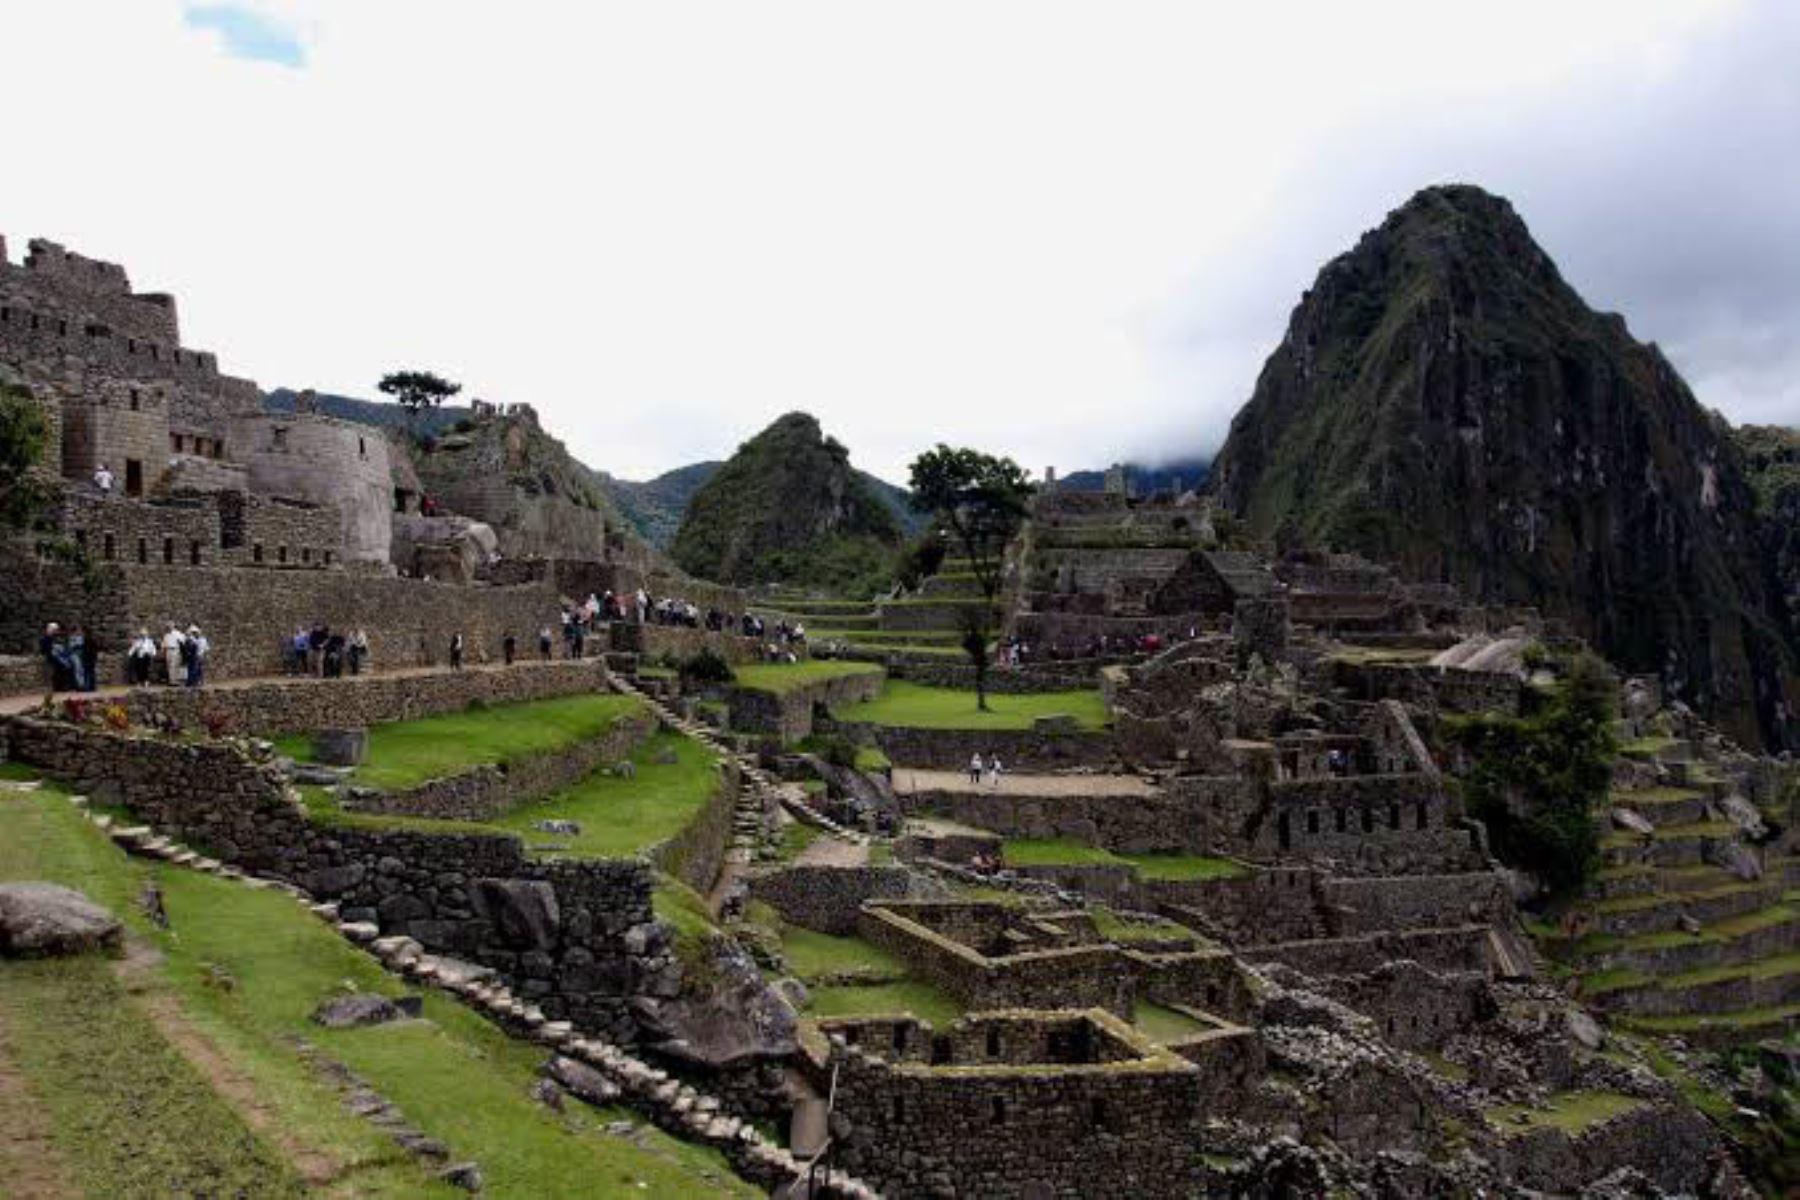 Instalarán cámaras de seguridad en zonas críticas de ciudadela Inca de Machu Picchu, en Cusco.